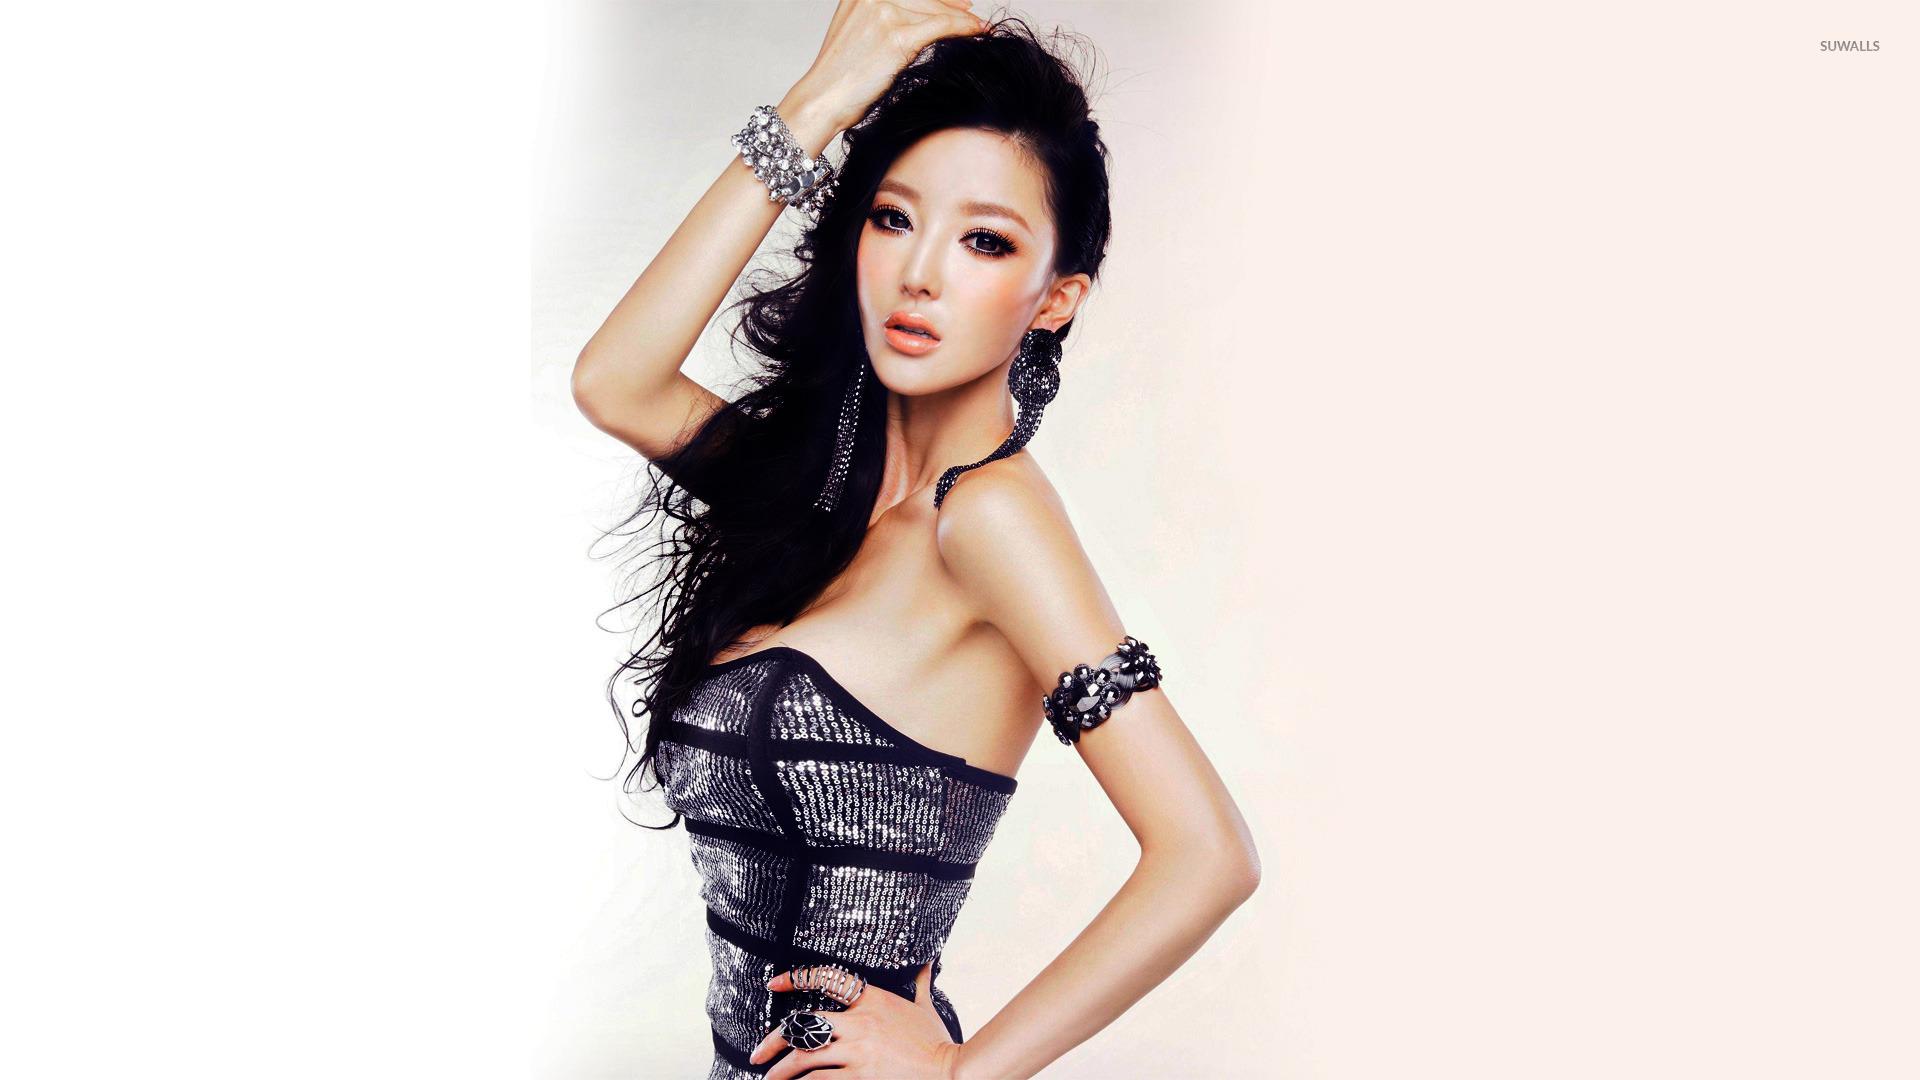 Nice Images Collection: Li Ying Zhi Desktop Wallpapers